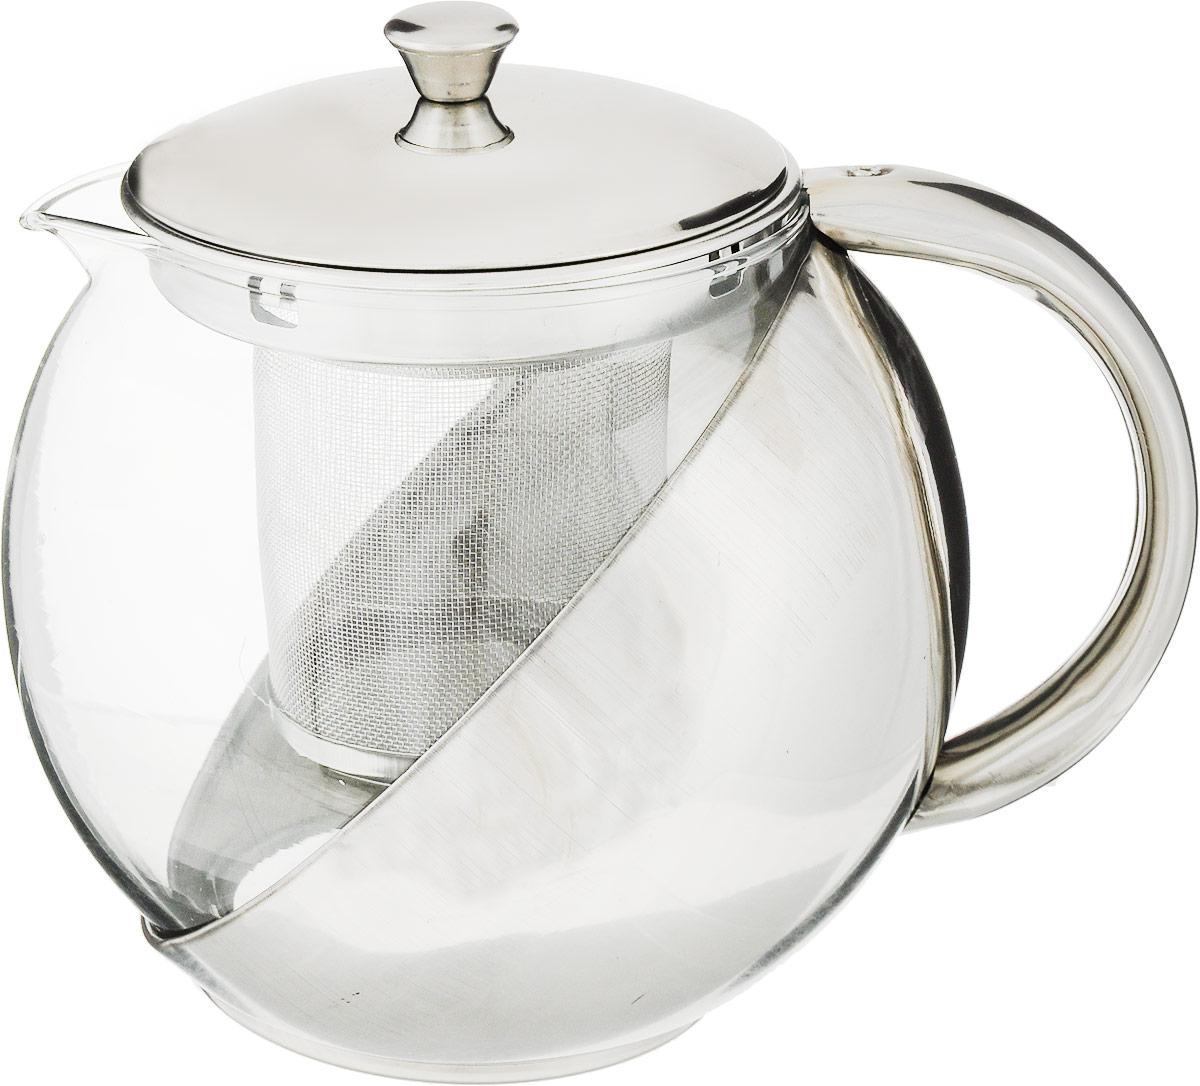 """Чайник заварочный """"Bohmann"""" позволит заварить насыщенный  ароматный чай. Корпус выполнен из хромоникелевой  нержавеющей стали (18/10), а колба изготовлена из  жаропрочного стекла. Чайник снабжен съемным  металлическим фильтром для заварки.  Это легкий и быстрый способ насладиться чашечкой горячего  напитка. Чайник можно мыть в посудомоечной машине.   Диаметр (по верхнему краю): 8,5 см.  Высота фильтра: 7,5 см.  Высота чайника: 12 см."""